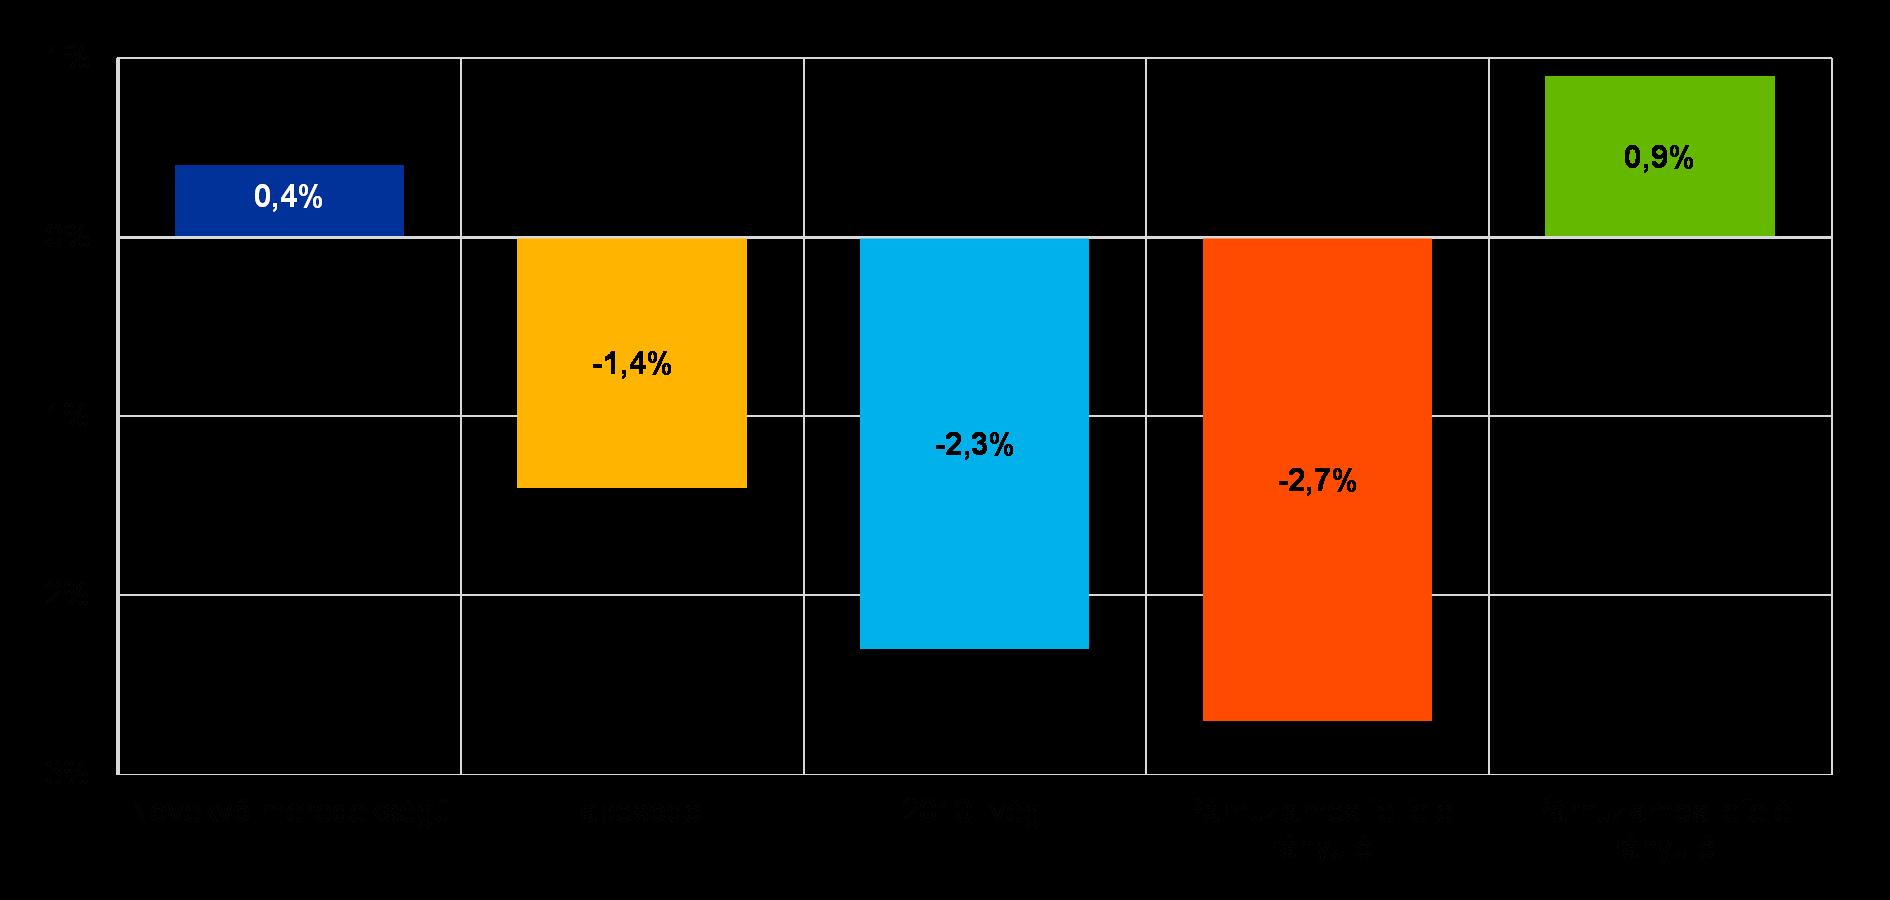 95c3f62cba Forrás: EKB. Megjegyzések: Az adatok a valamennyi jelentős valutához  kapcsolódó összesített EVE-prognózisokon és a mintában szereplő 111 bank  összesített ...